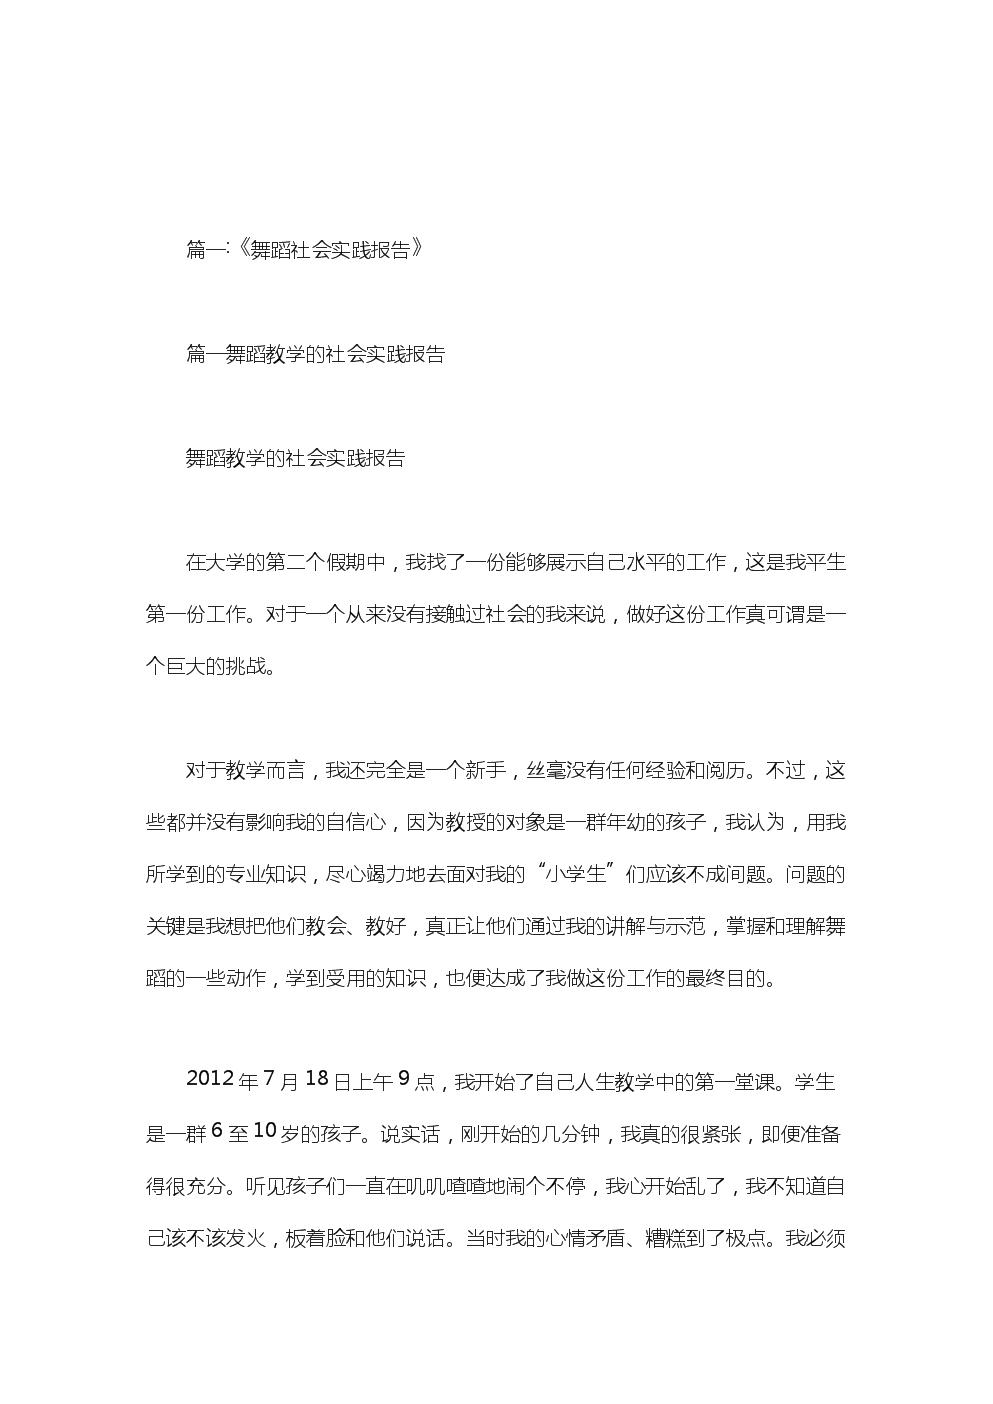 大學生舞蹈教師實踐報告范文.doc